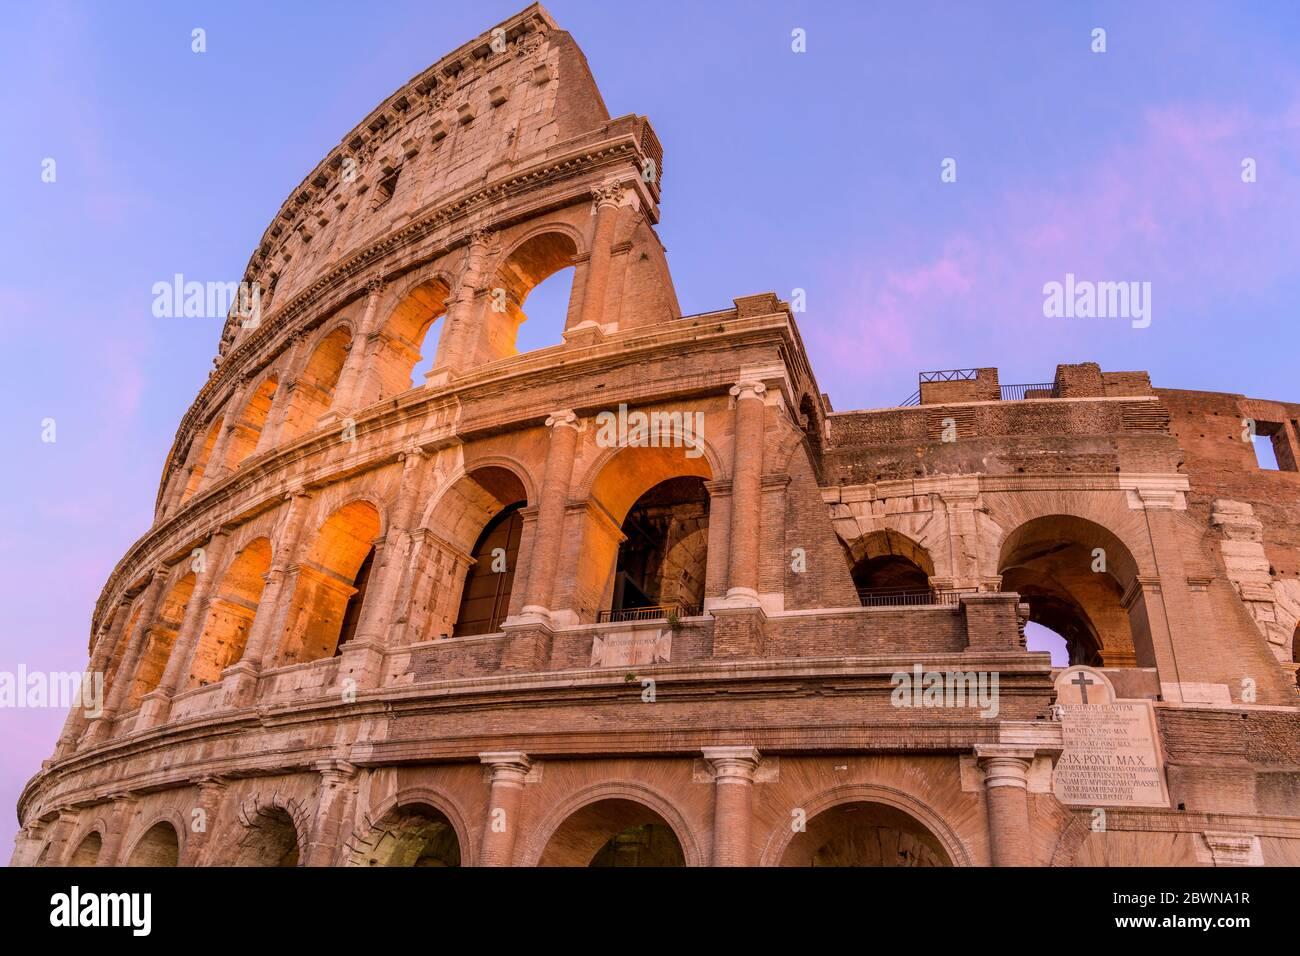 Tramonto Colosseo - Vista ravvicinata del tramonto sulla parte superiore della parete esterna ovest del Colosseo, con due placche in marmo inscritto latino. Roma, Italia. Foto Stock